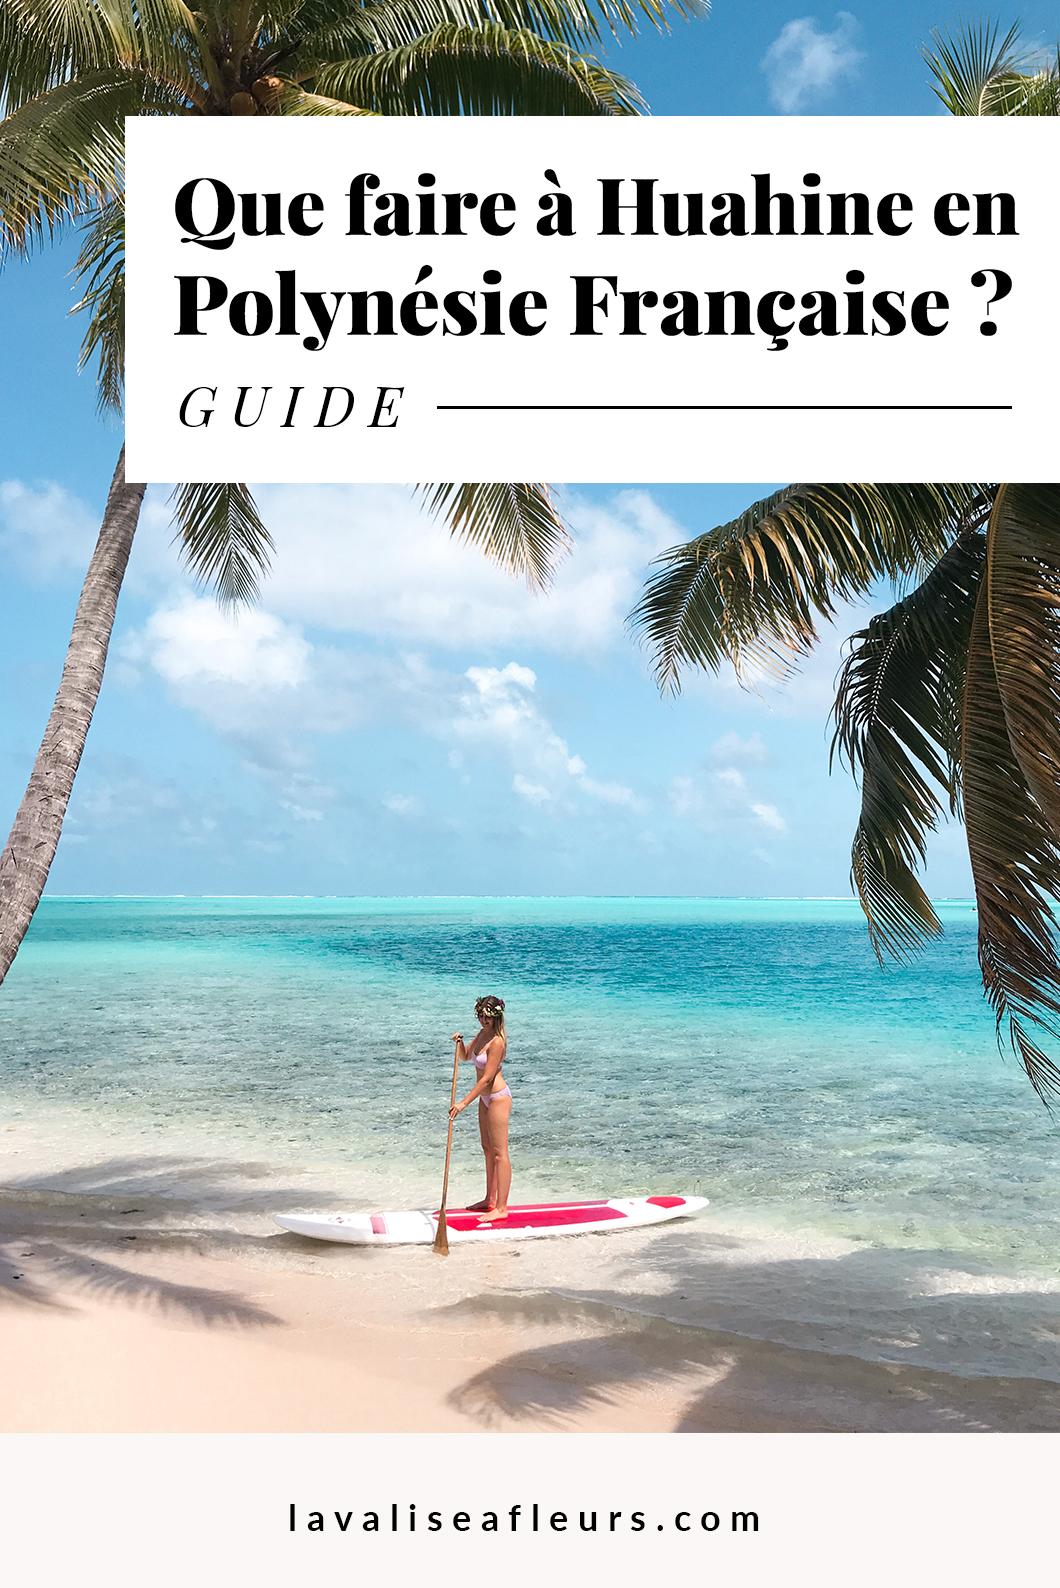 Que faire à Huahine en Polynésie Française ?